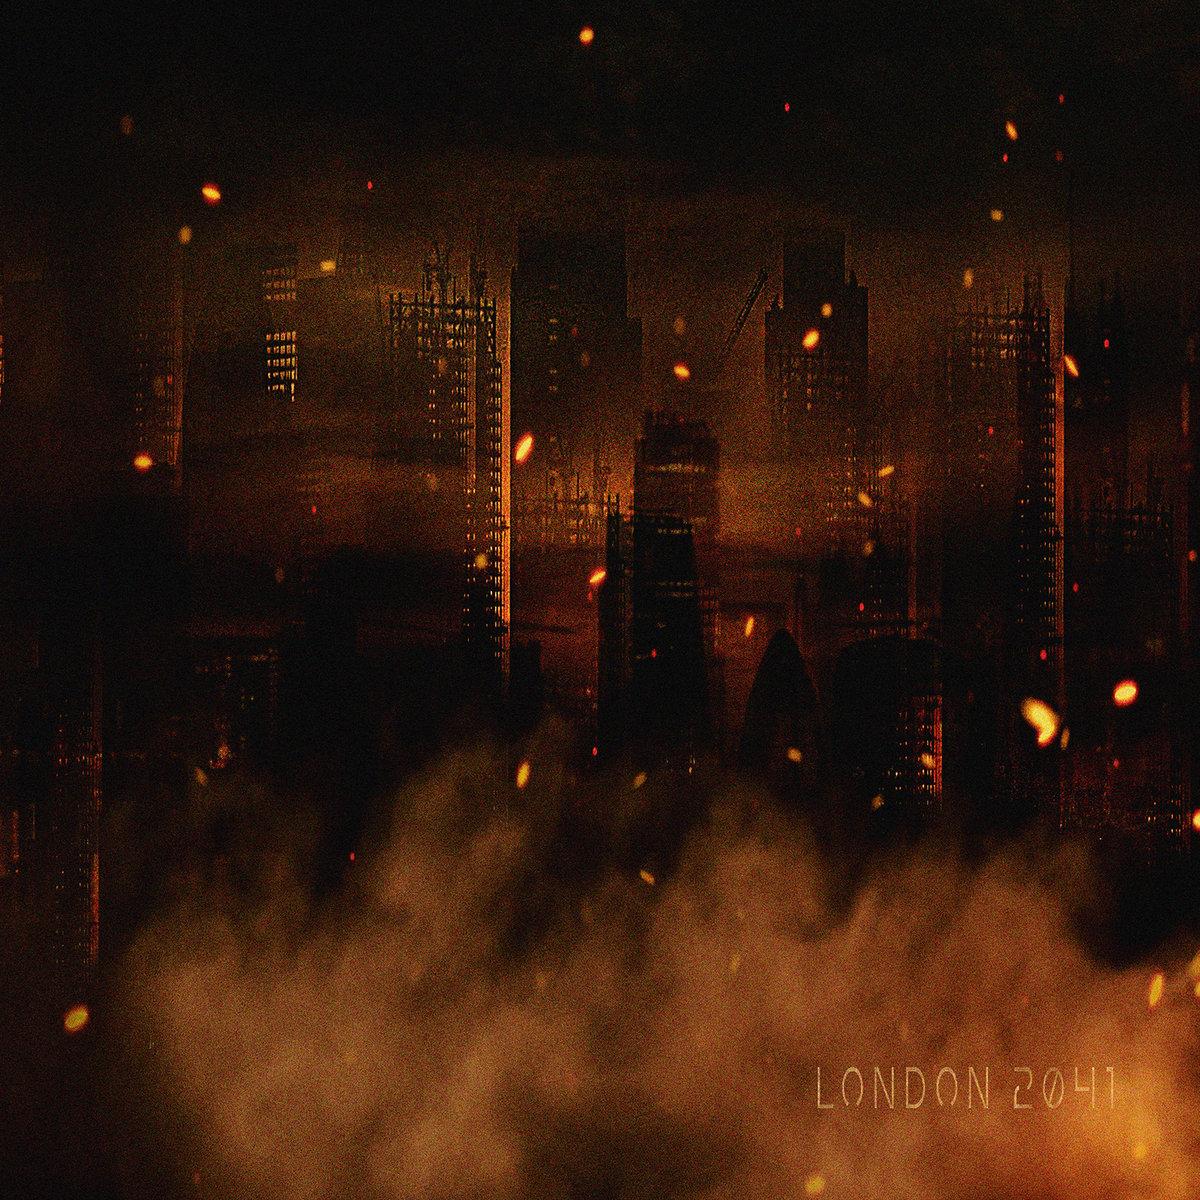 London 2041